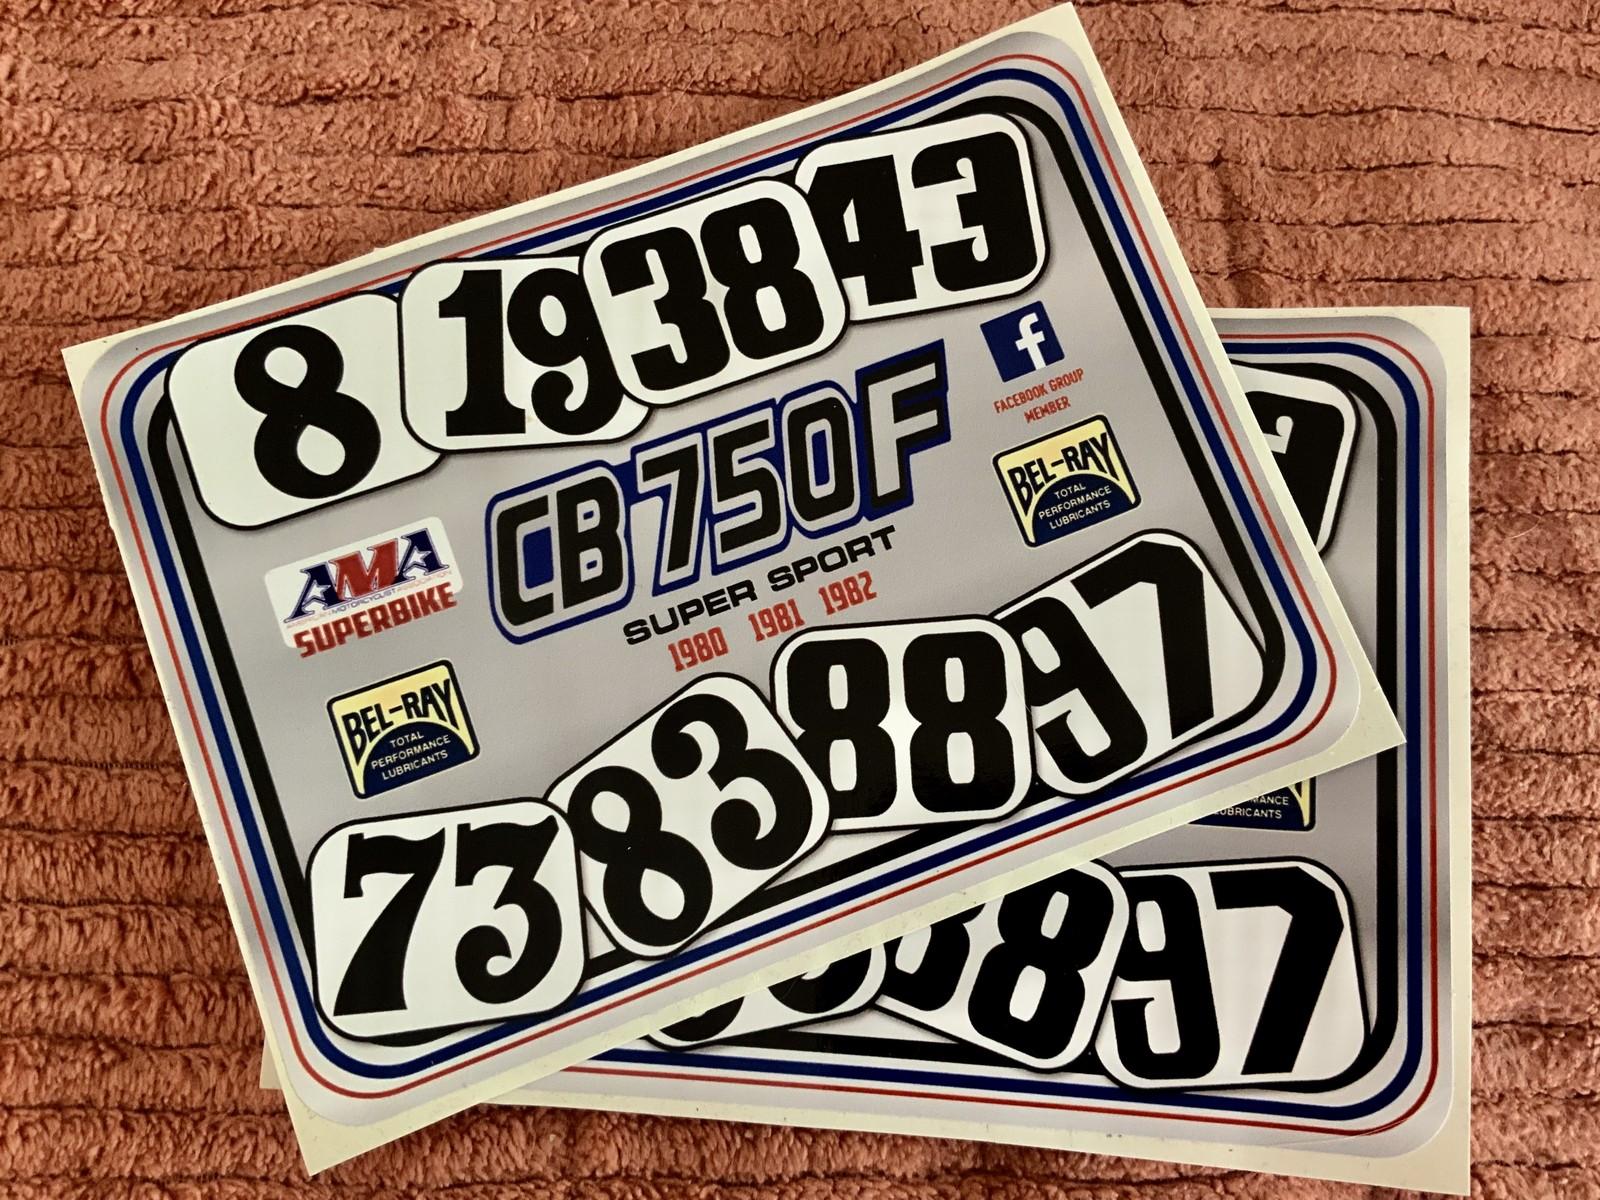 4374A3A9-3252-4109-B078-9B80B0389AF5